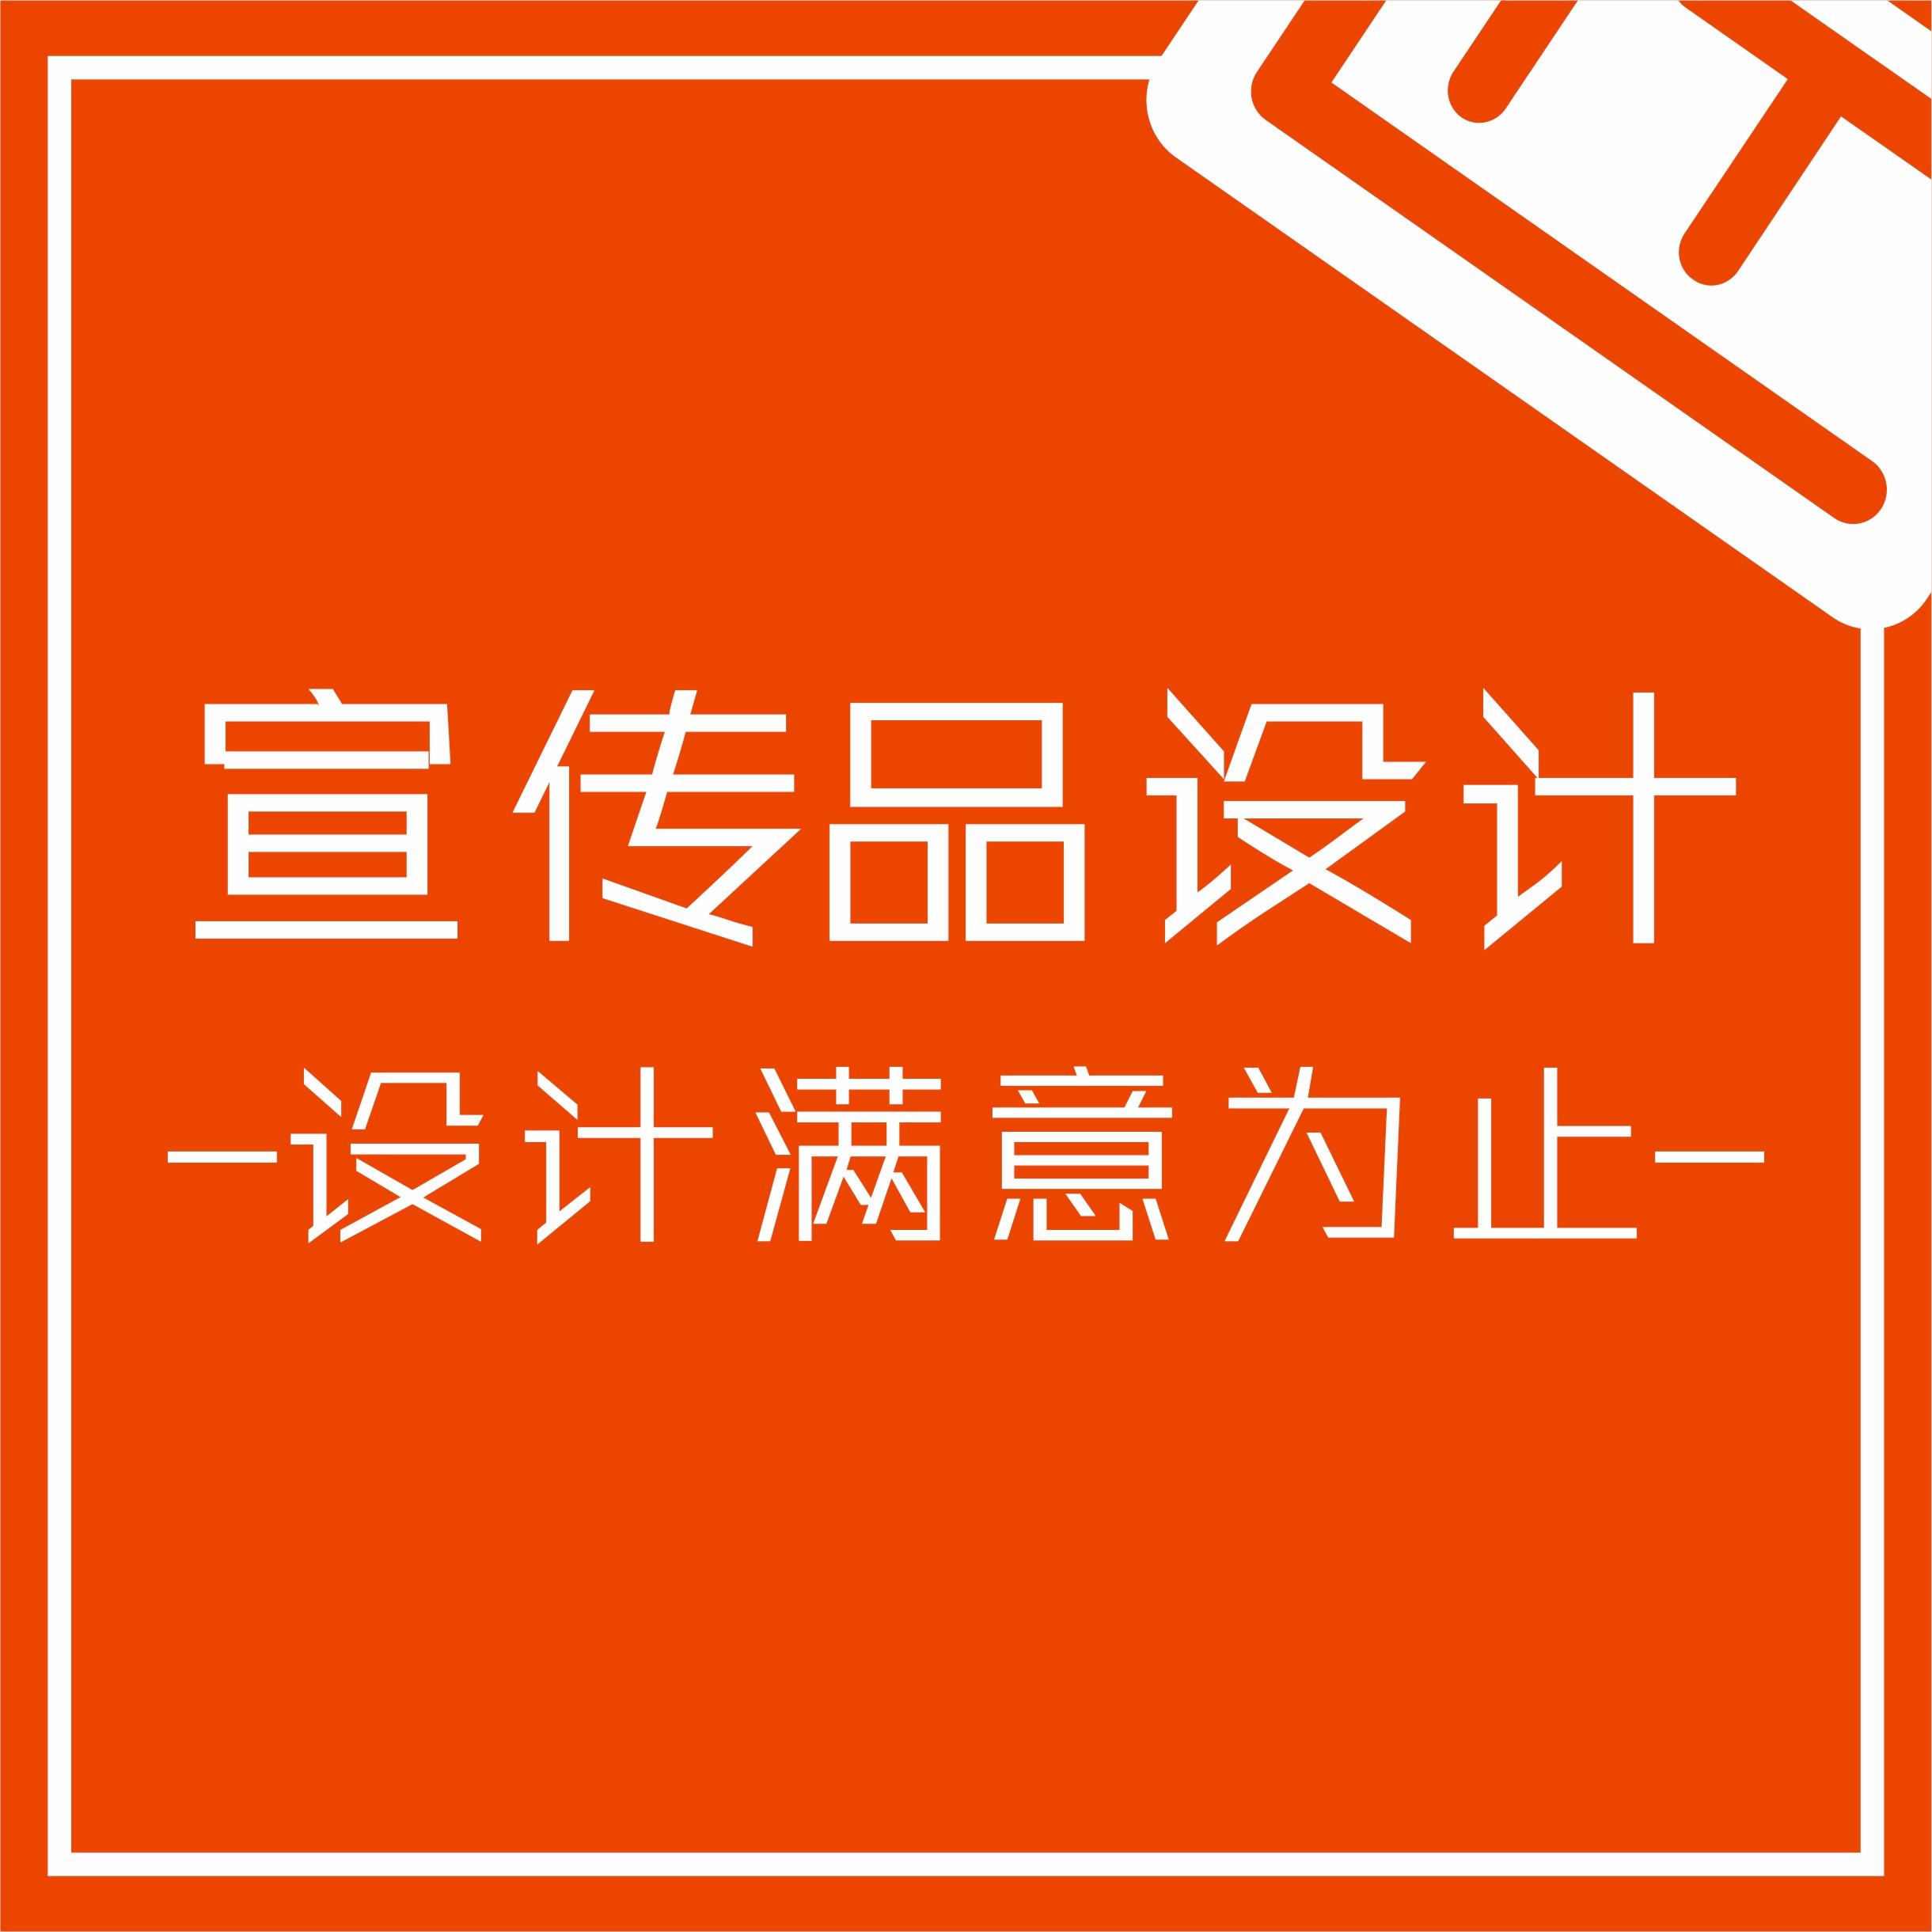 企业宣传册设计海报设计画册设计DM单页折页设计展架易拉宝设